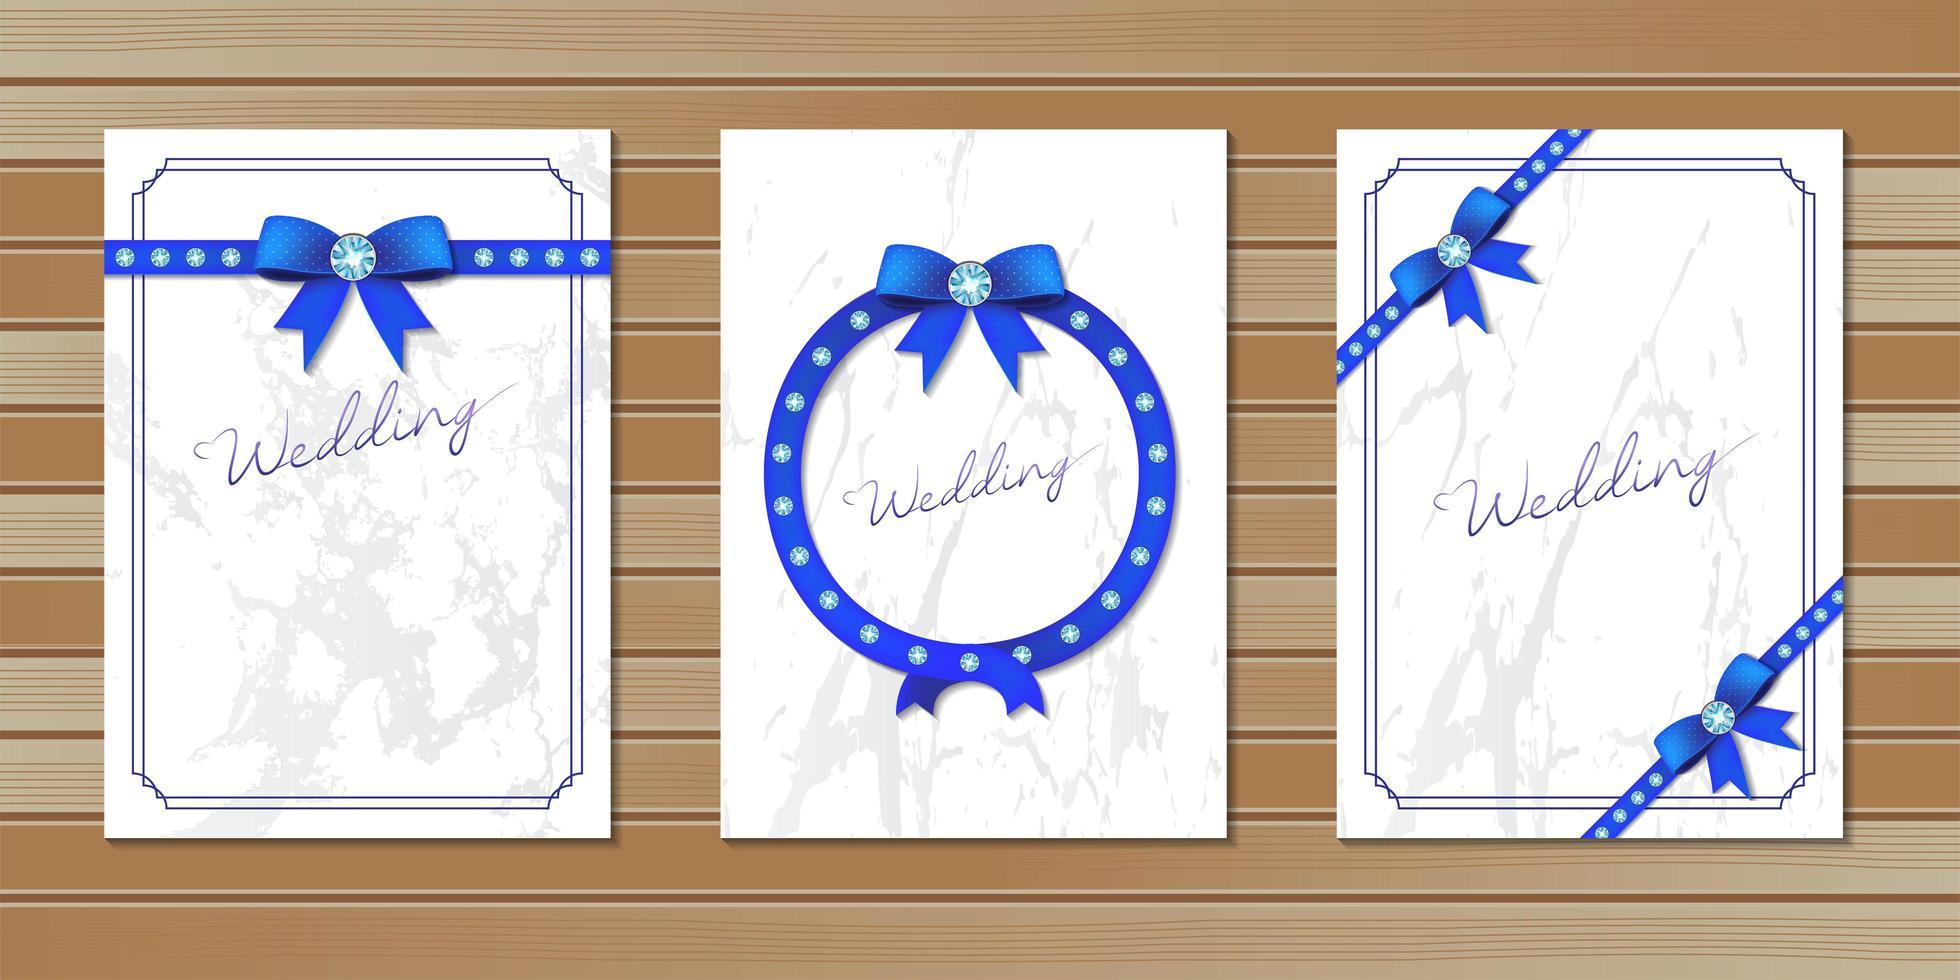 Hochzeitseinladungskarten mit Schleifen verziert vektor